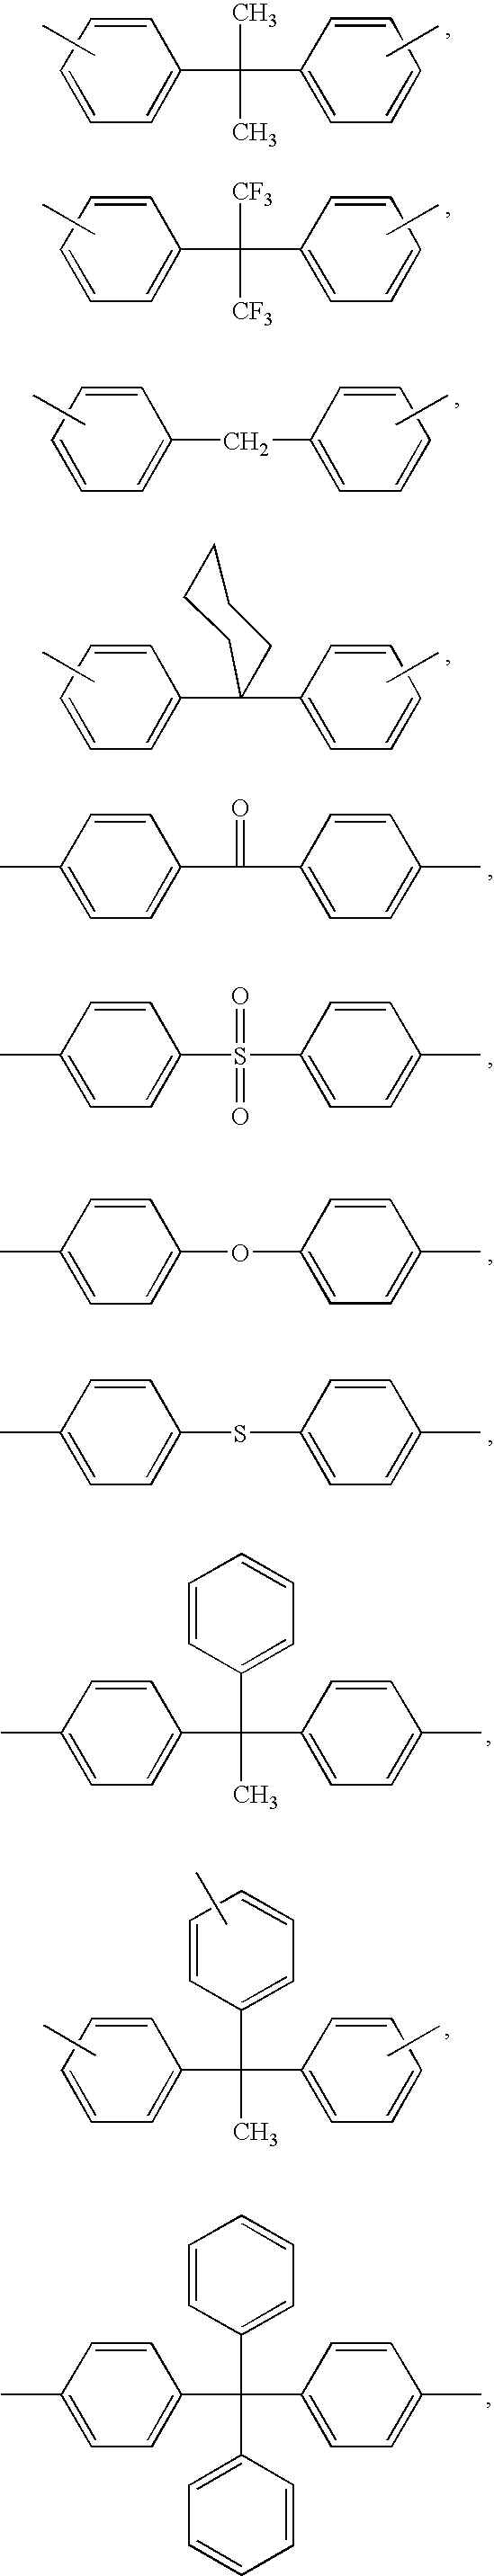 Figure US20080166644A1-20080710-C00007